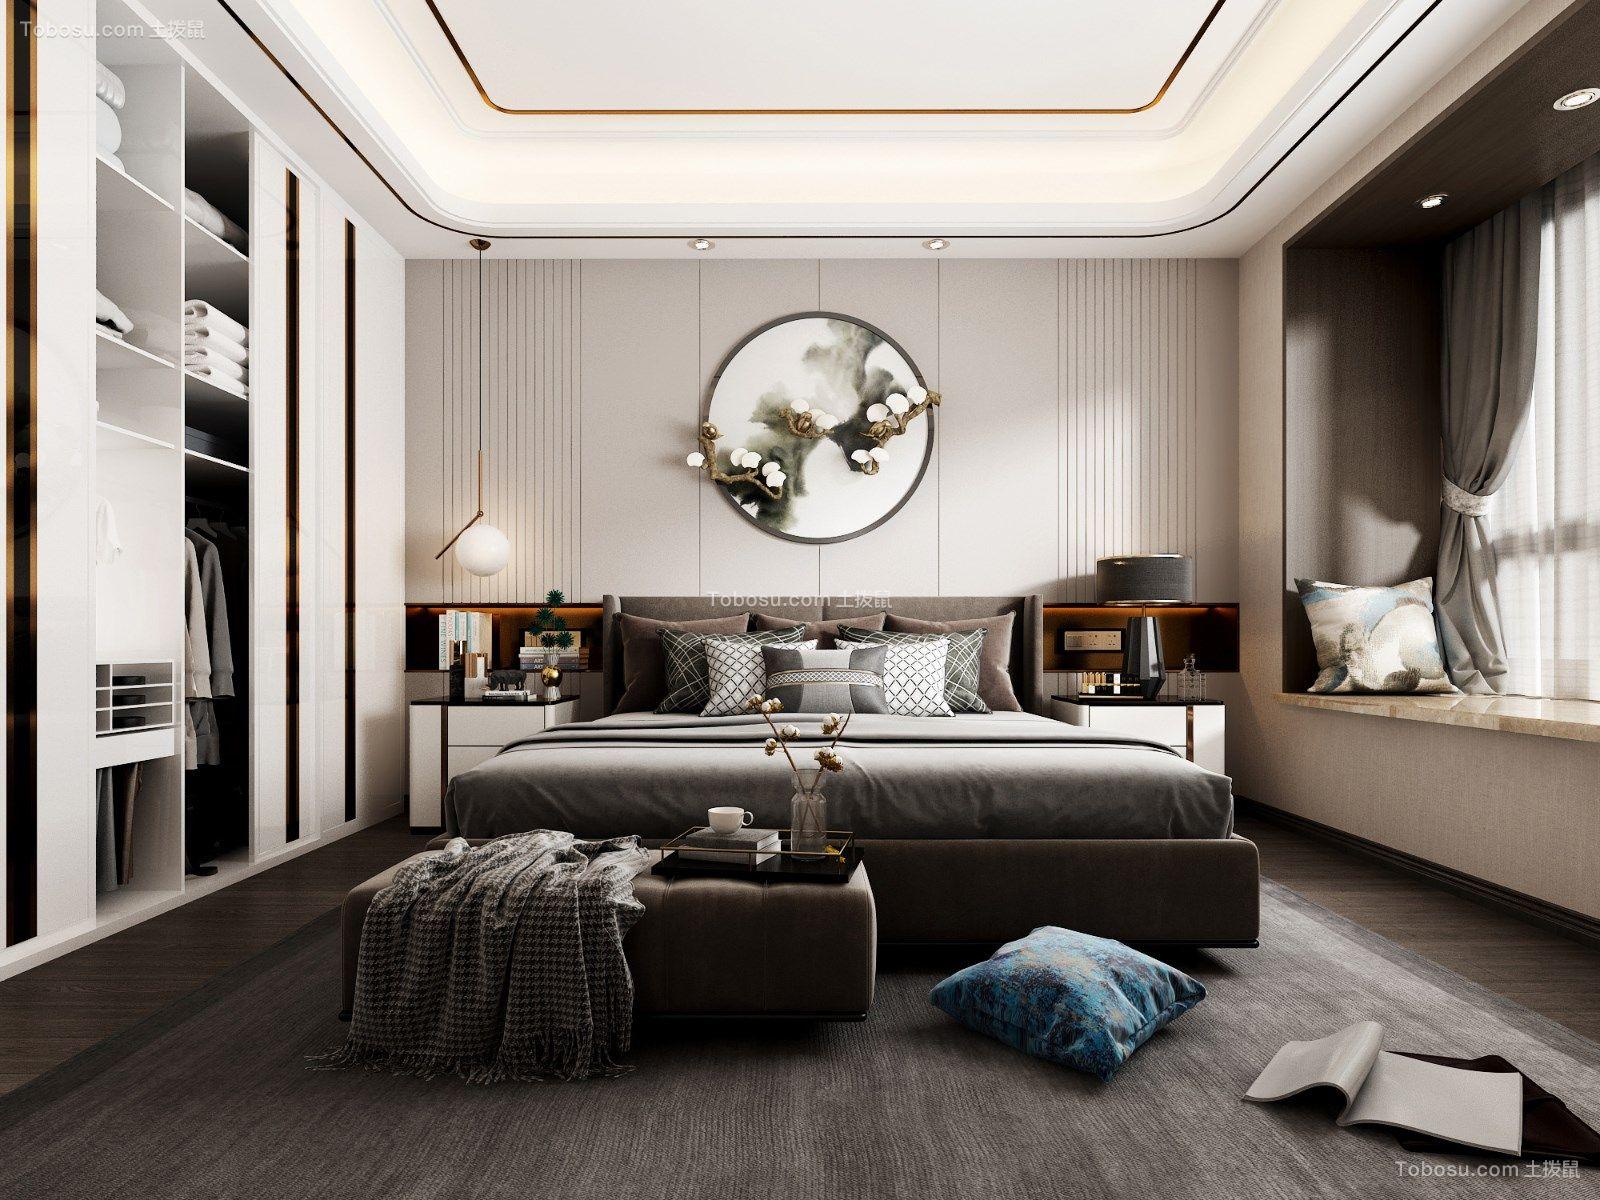 2019现代简约卧室装修设计图片 2019现代简约背景墙装修设计